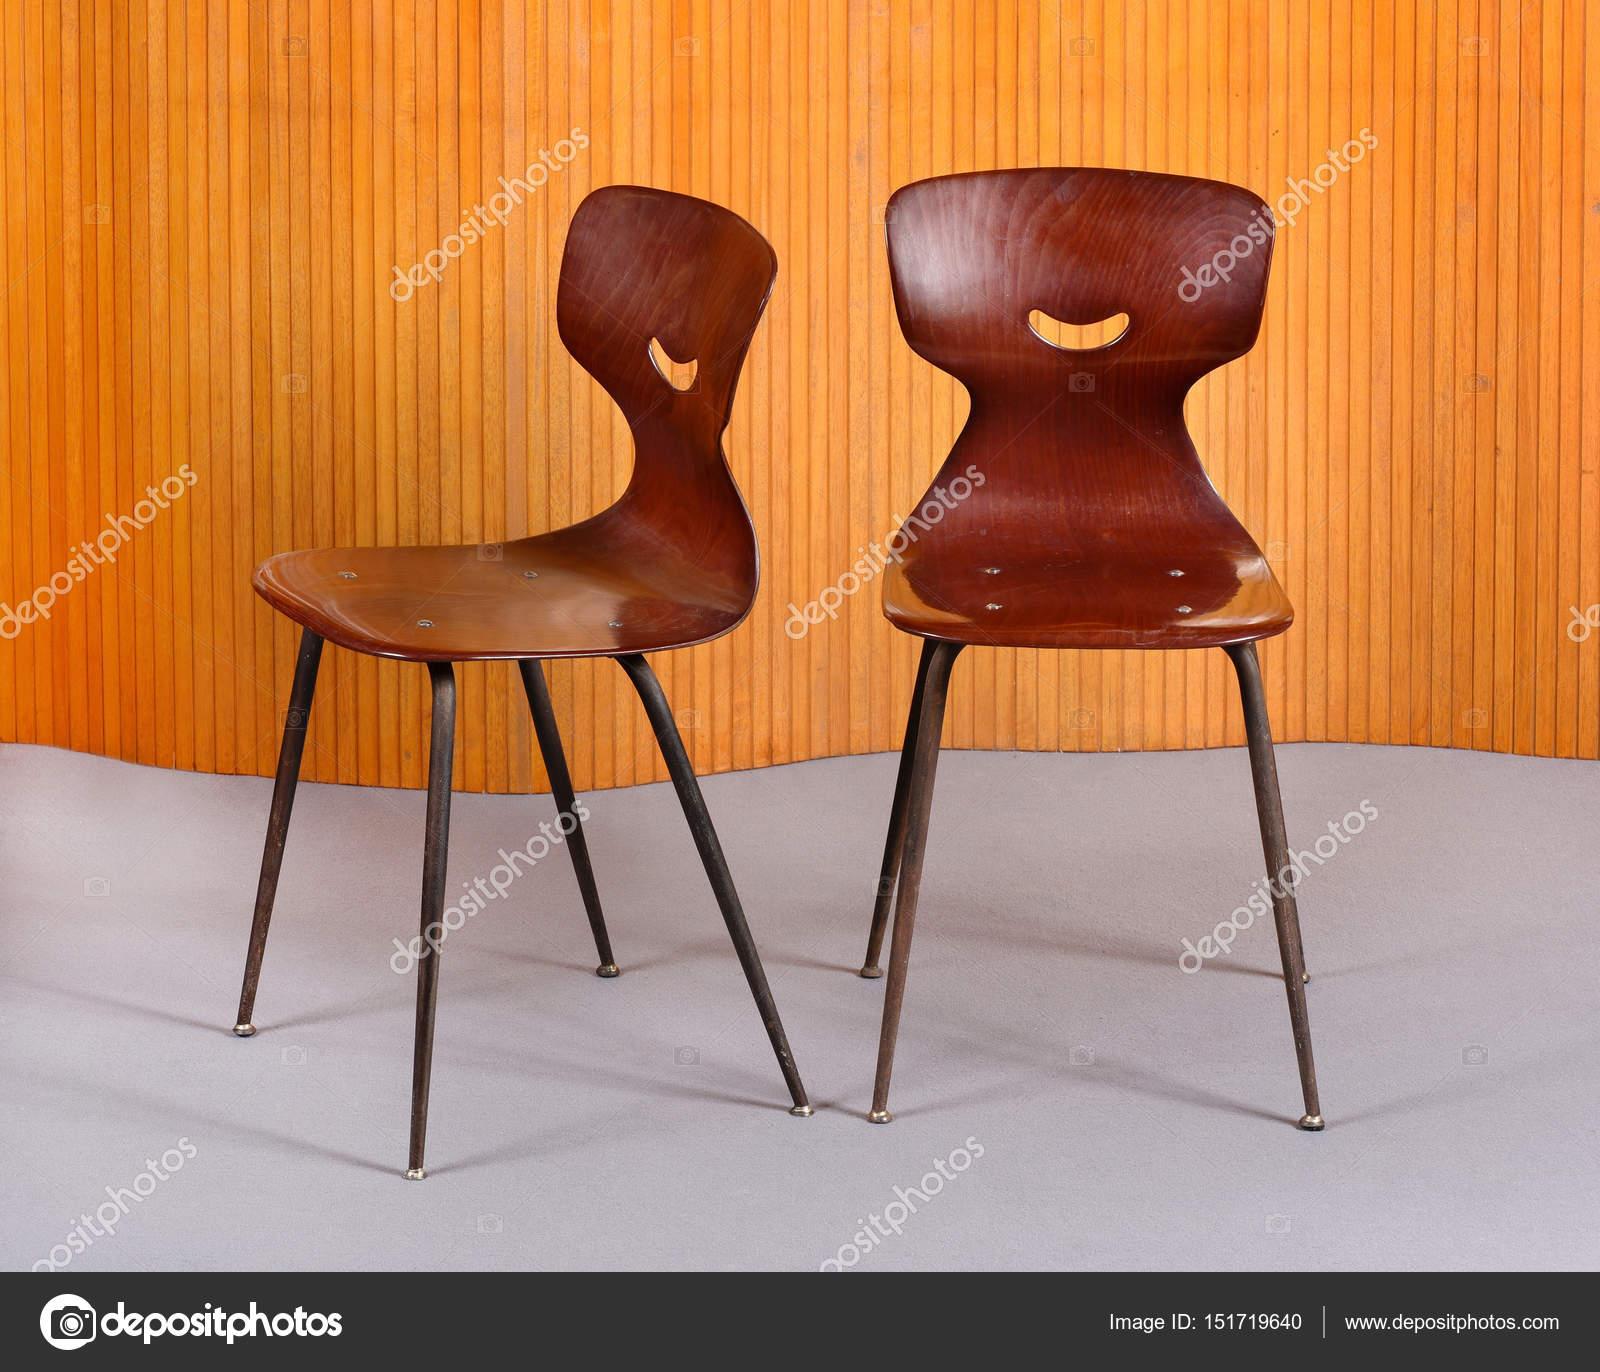 Sedie In Legno Curvato.Sedie Di Design Elegante Legno Curvato Foto Stock